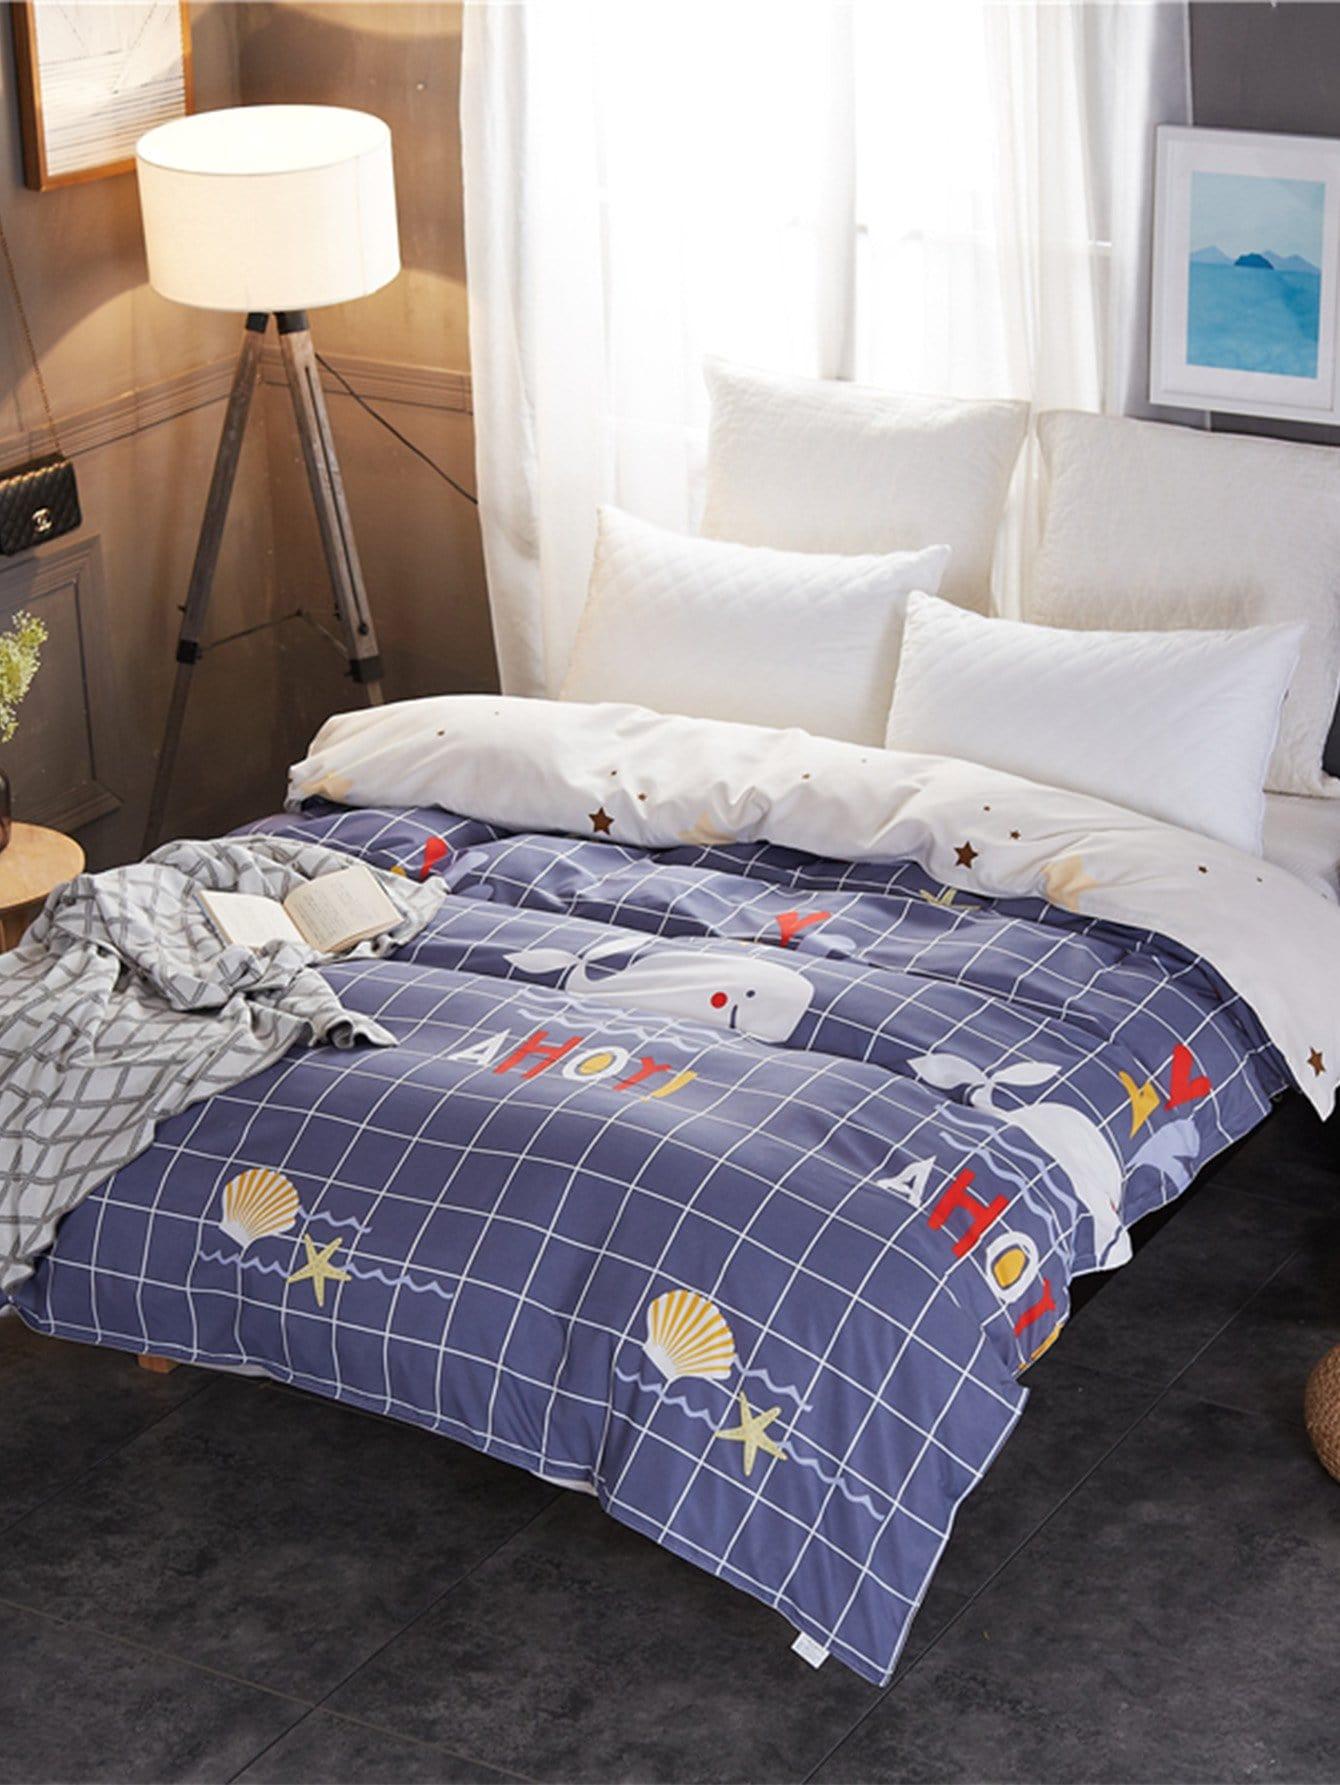 housse de couette imprim e oc an carreaux french shein. Black Bedroom Furniture Sets. Home Design Ideas